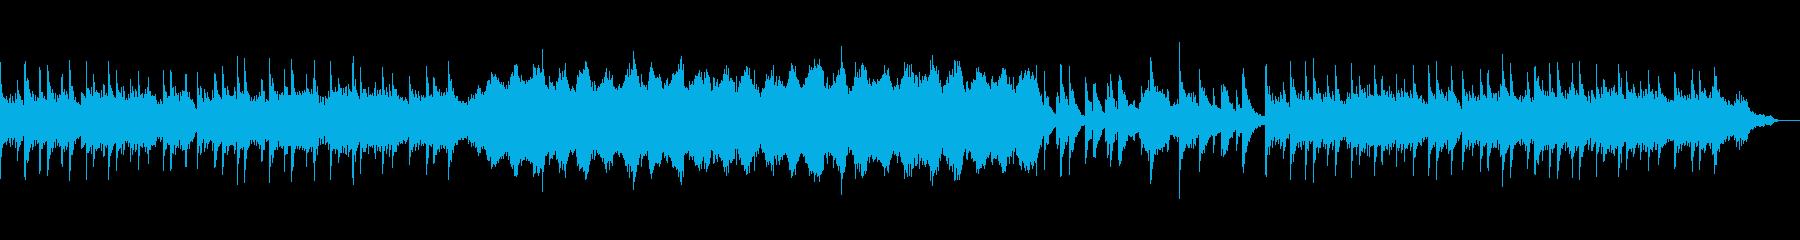 涼しさをイメージさせるBGMの再生済みの波形